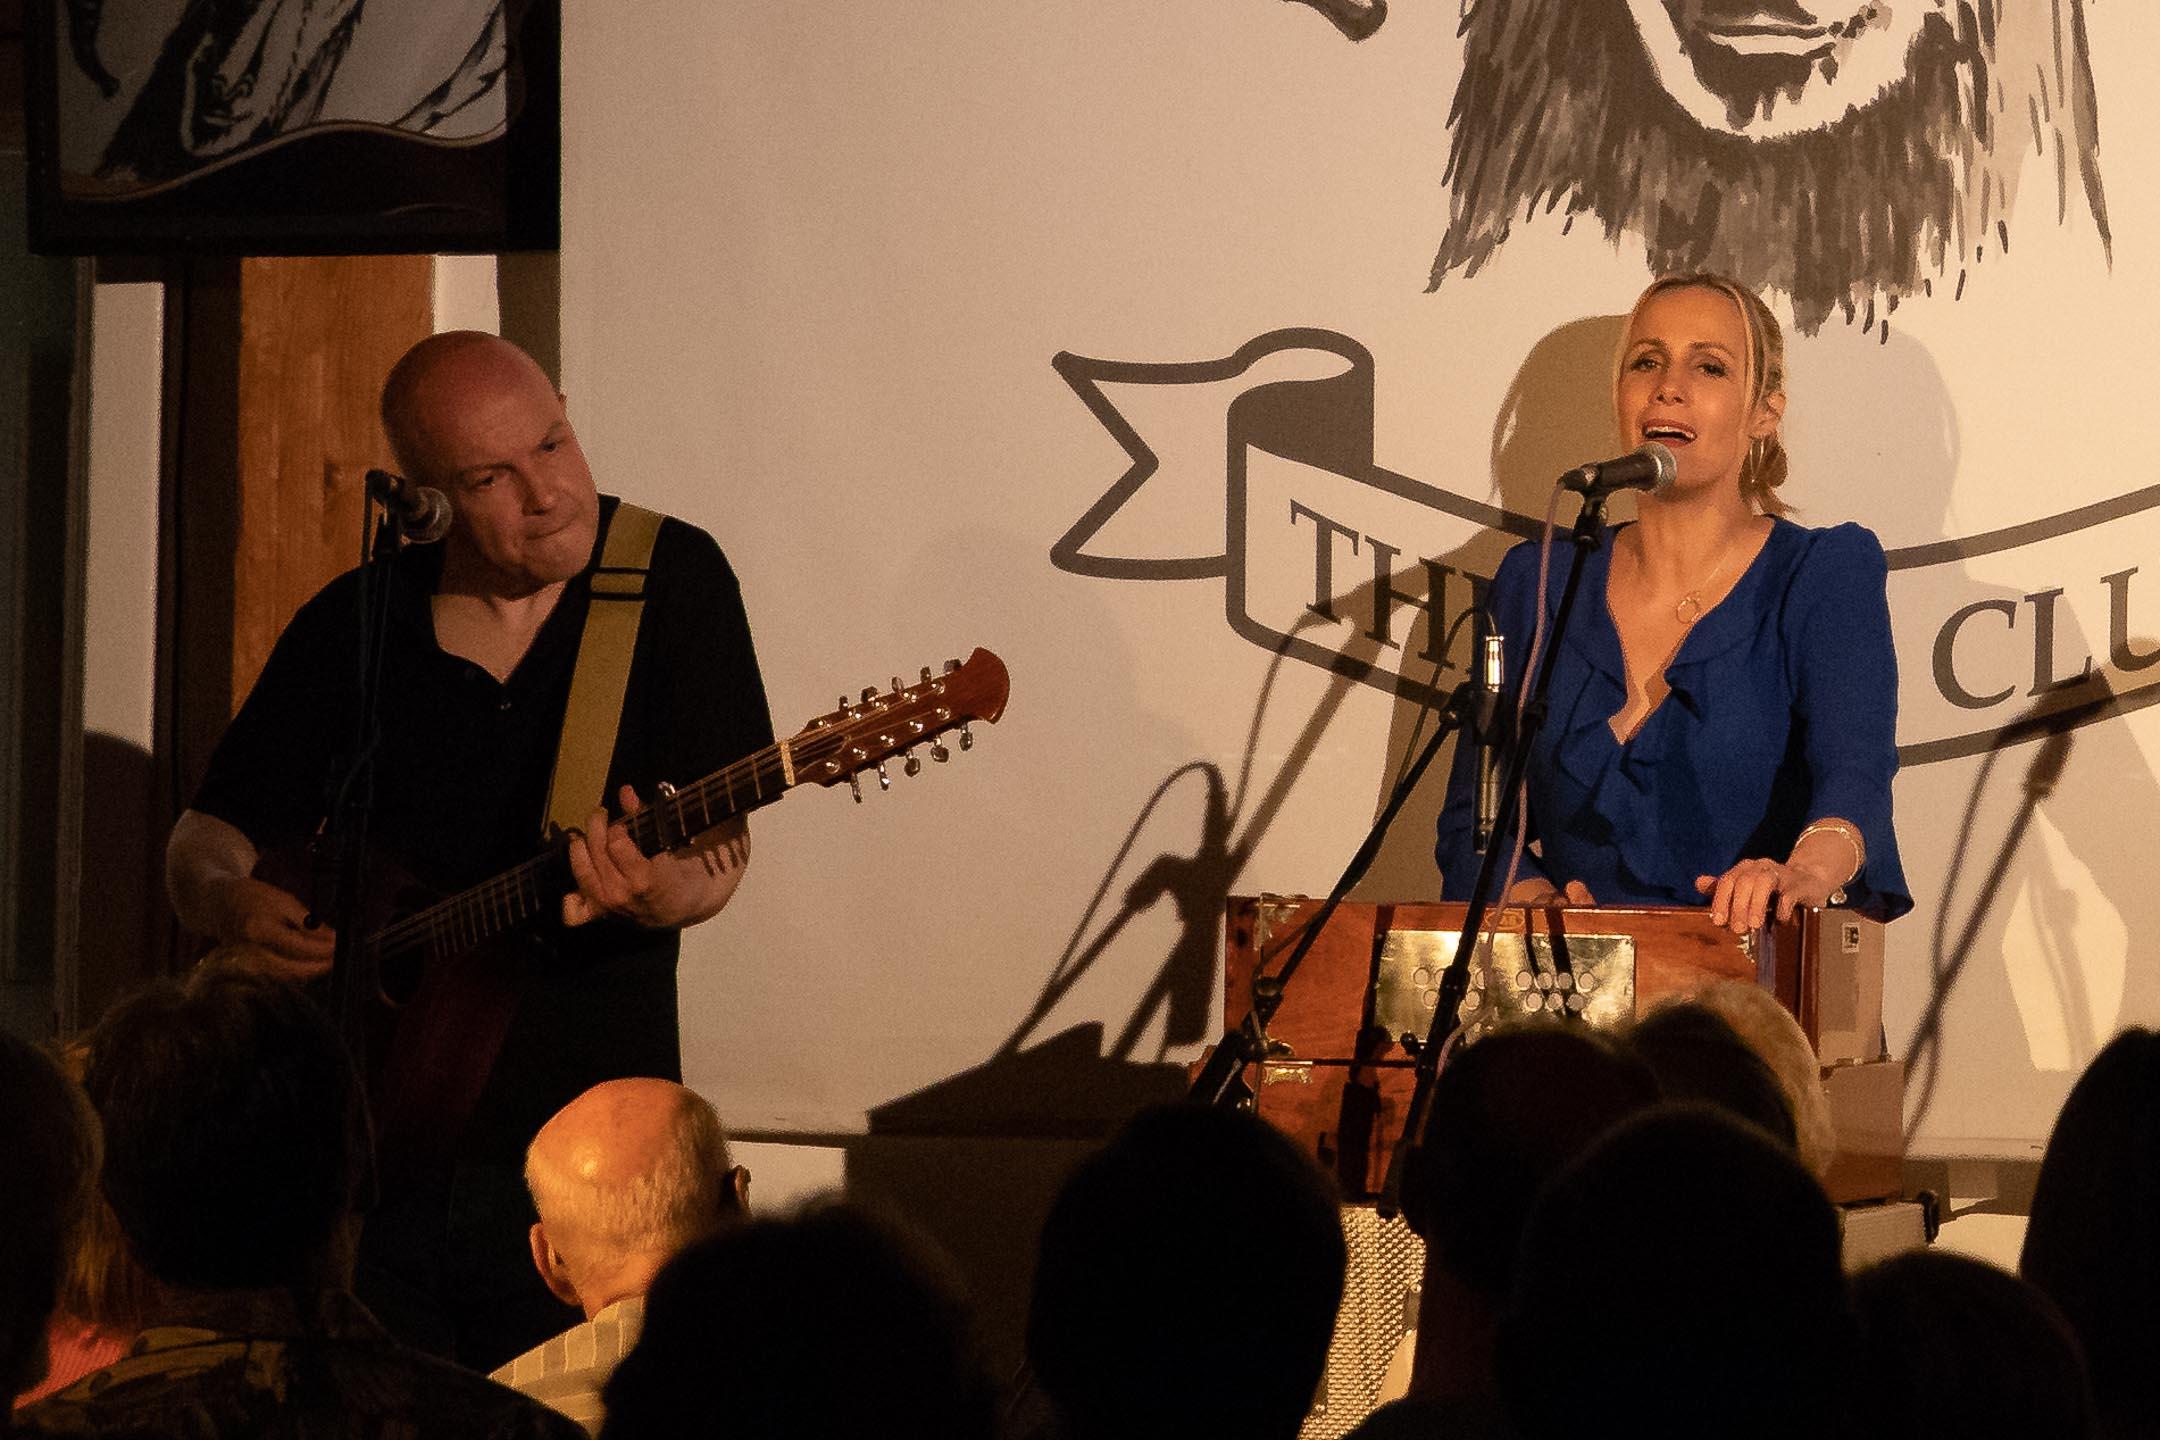 Heidi Talbot & John McCusker